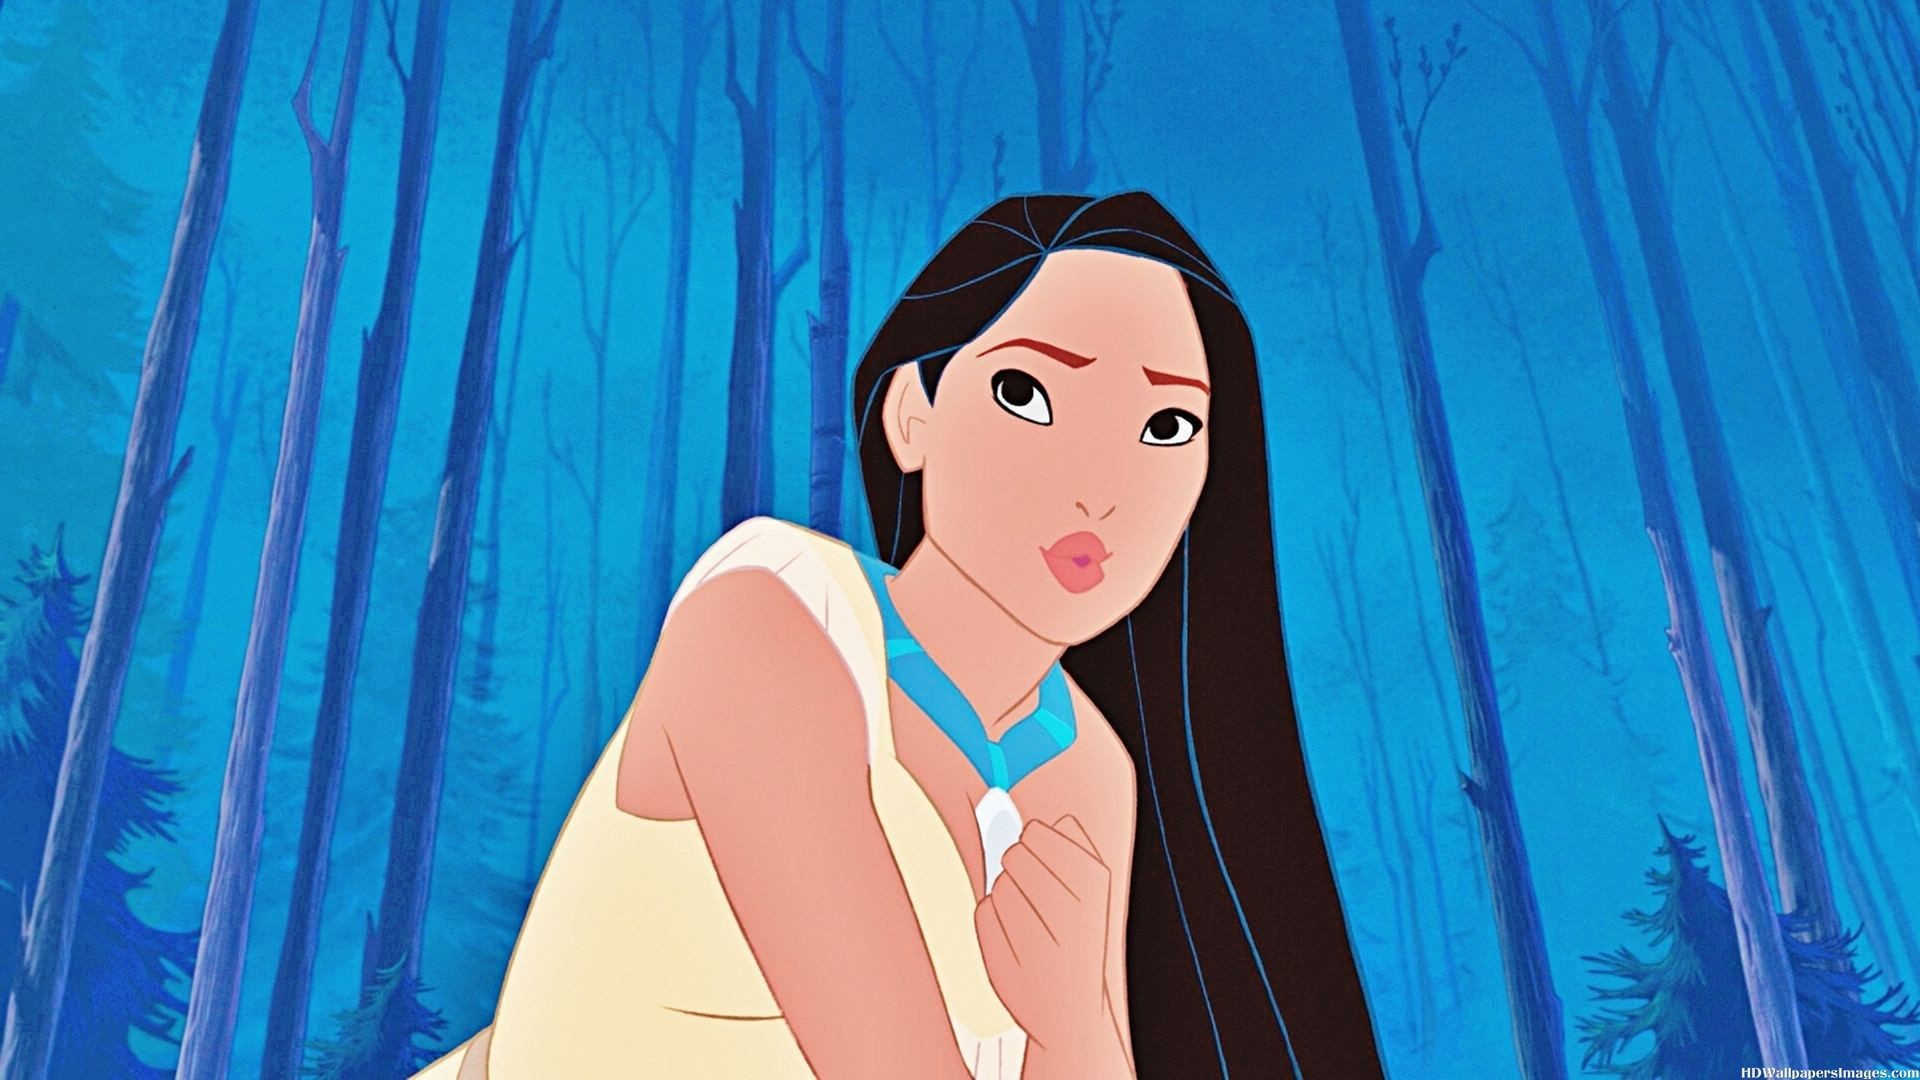 Res: 1920x1080, Princess-Pocahontas-Images-Pictures-Photos-HD-wallpaper-wpt7808035